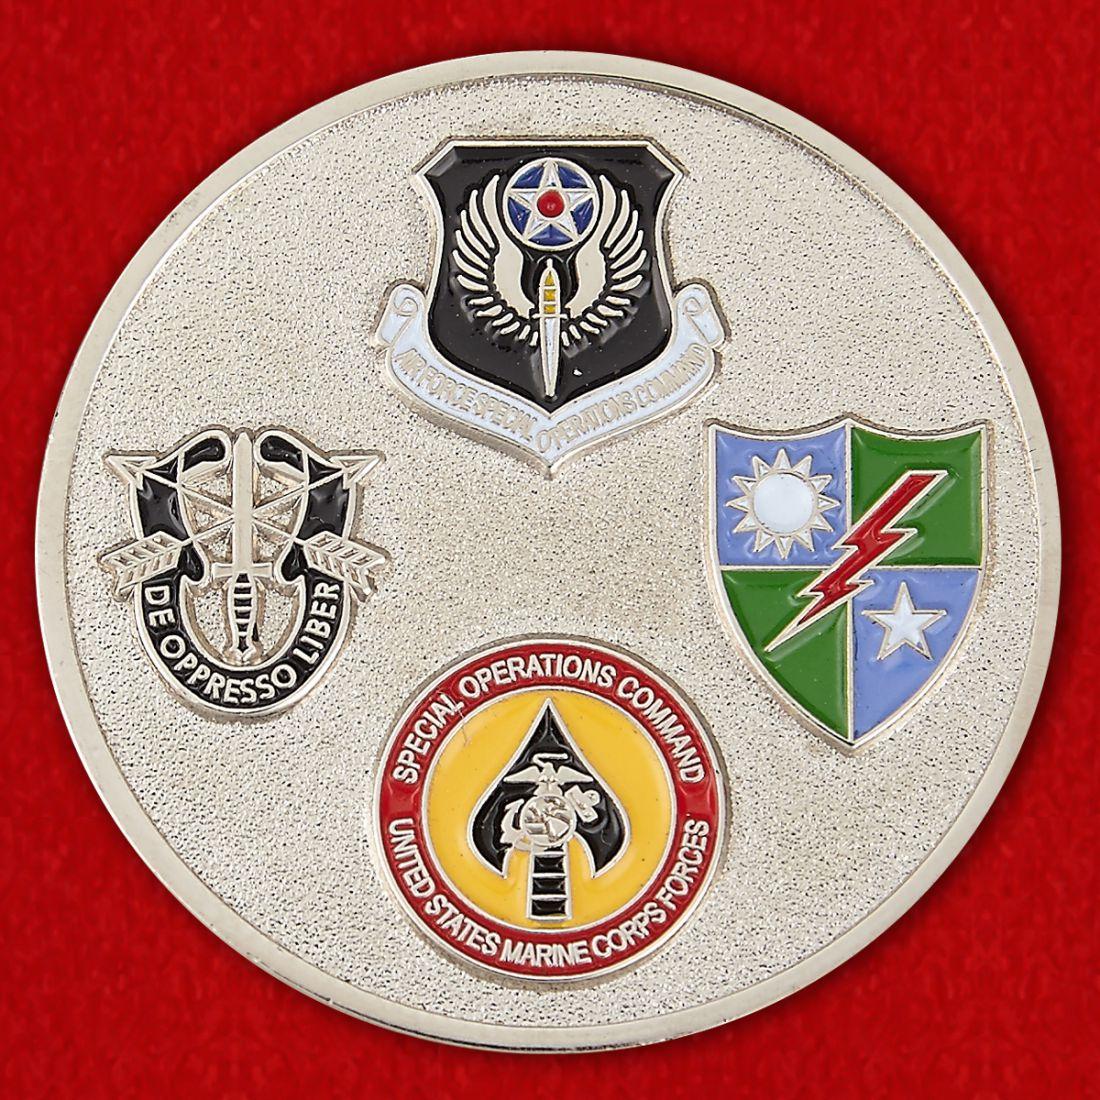 Челлендж коин контроллера боевых наступательных операций ВВС США